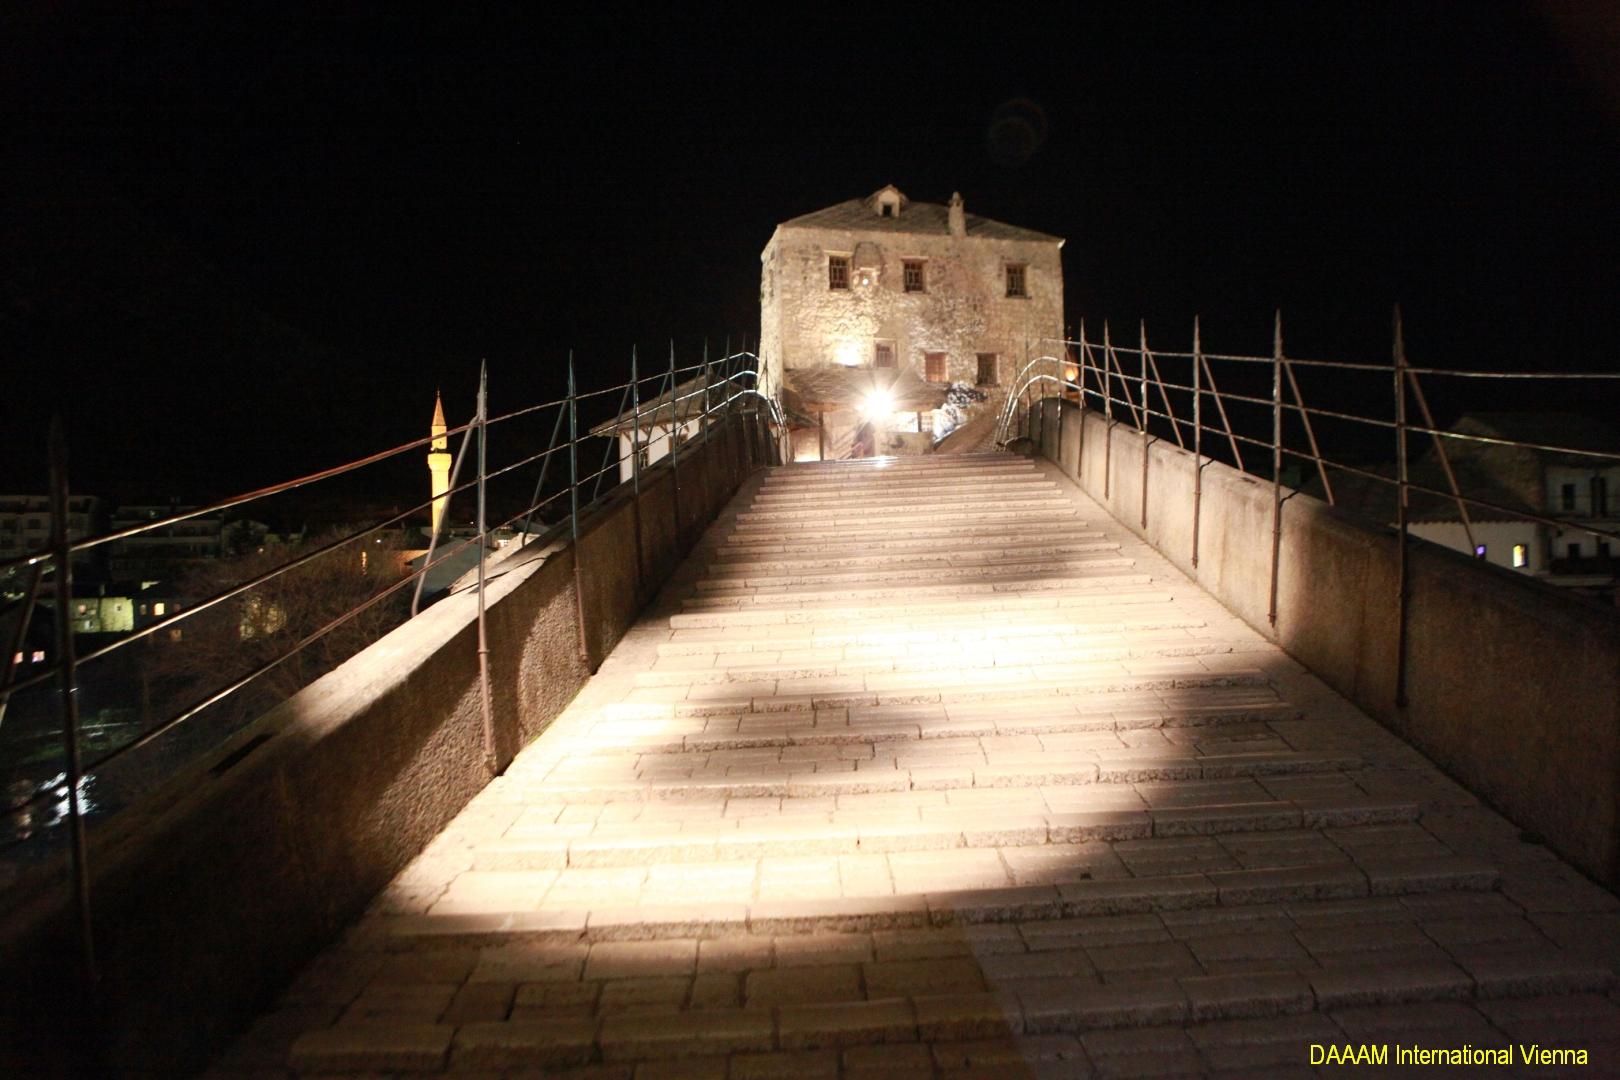 DAAAM_2016_Mostar_01_Magic_City_of_Mostar_197